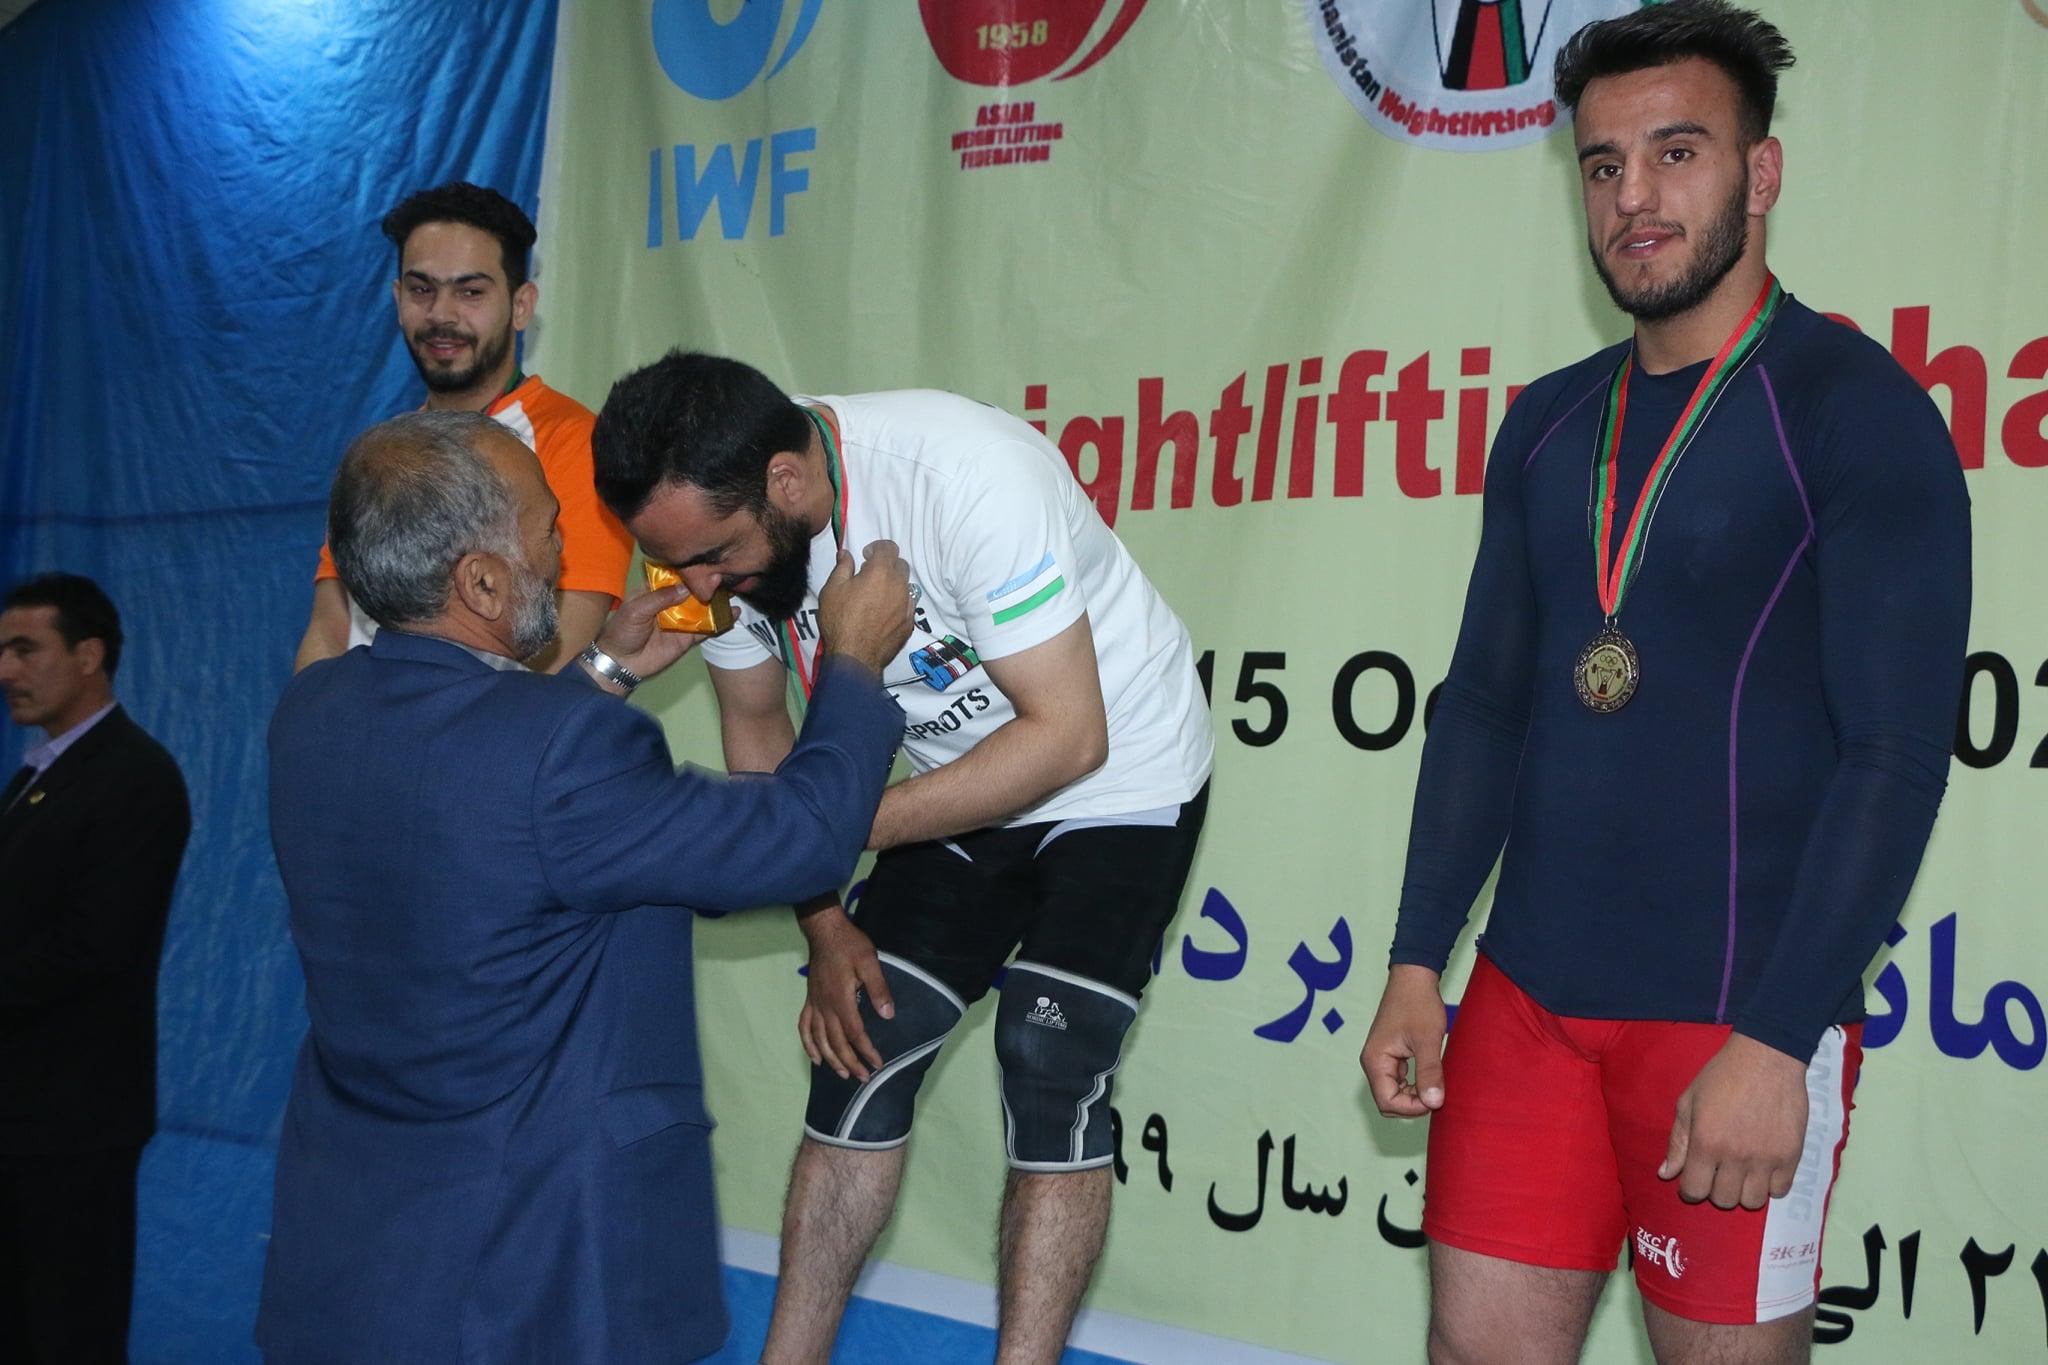 پایان مسابقات وزن برداری شهر کابل